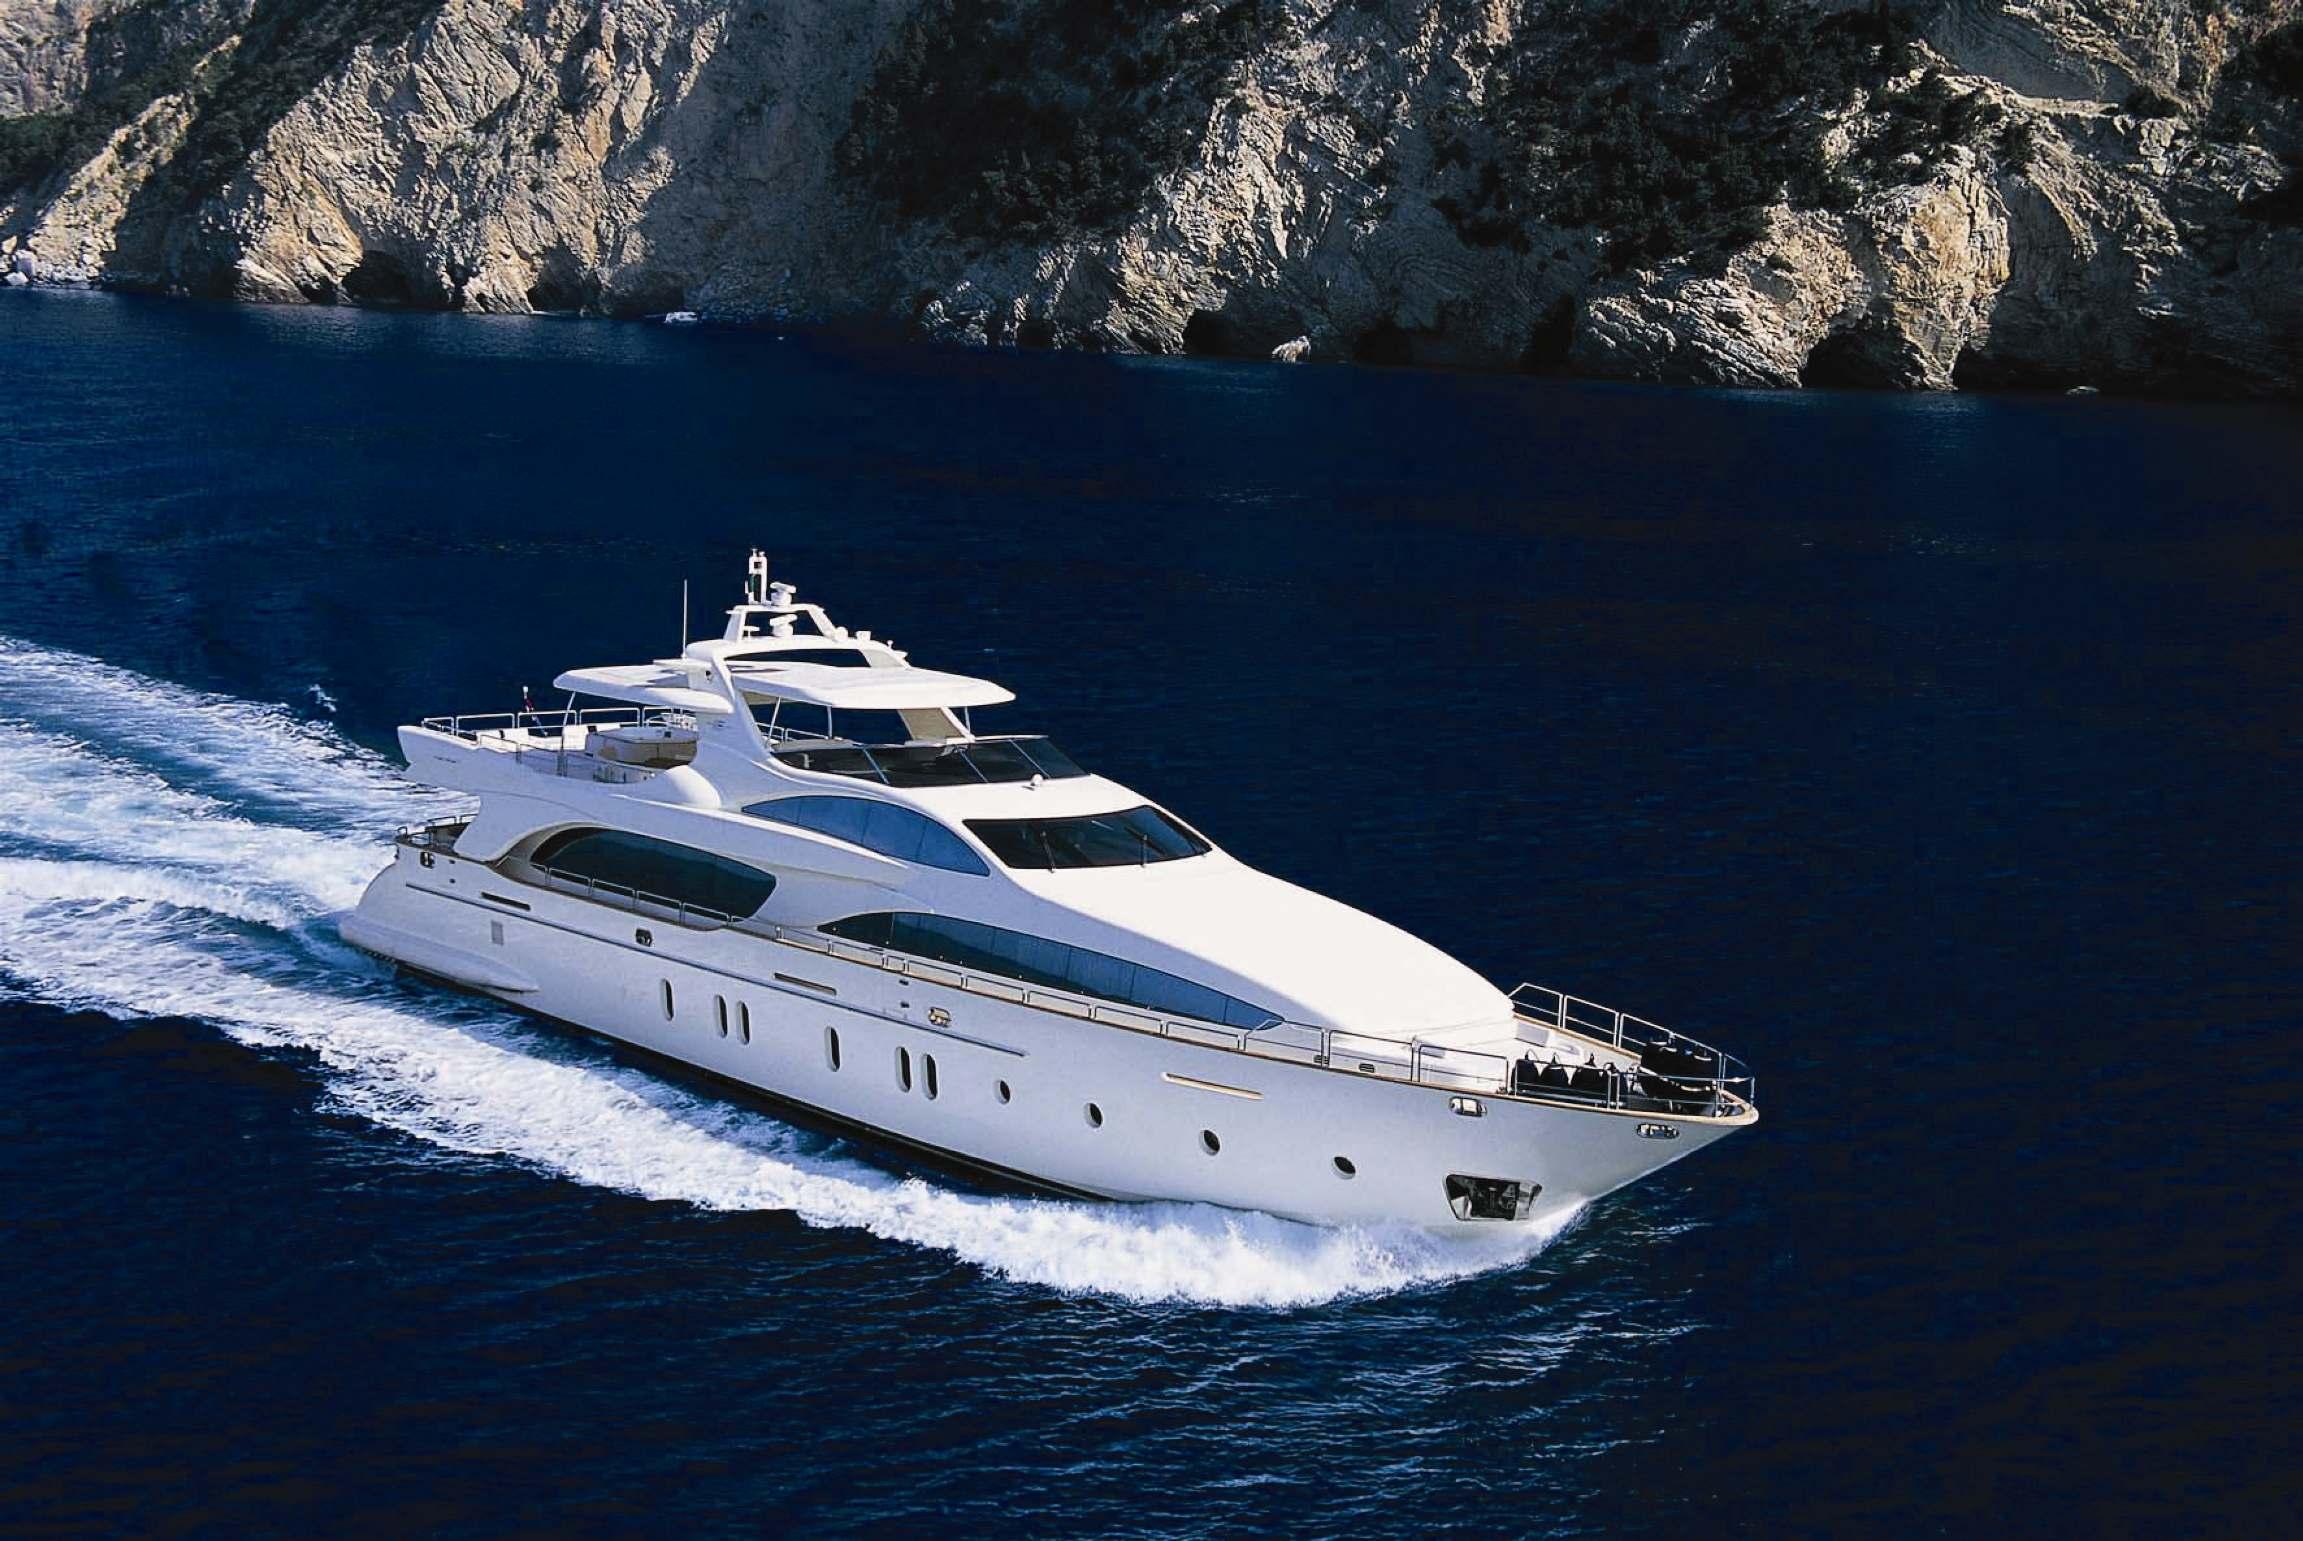 hye seas ii yacht charter details  azimut